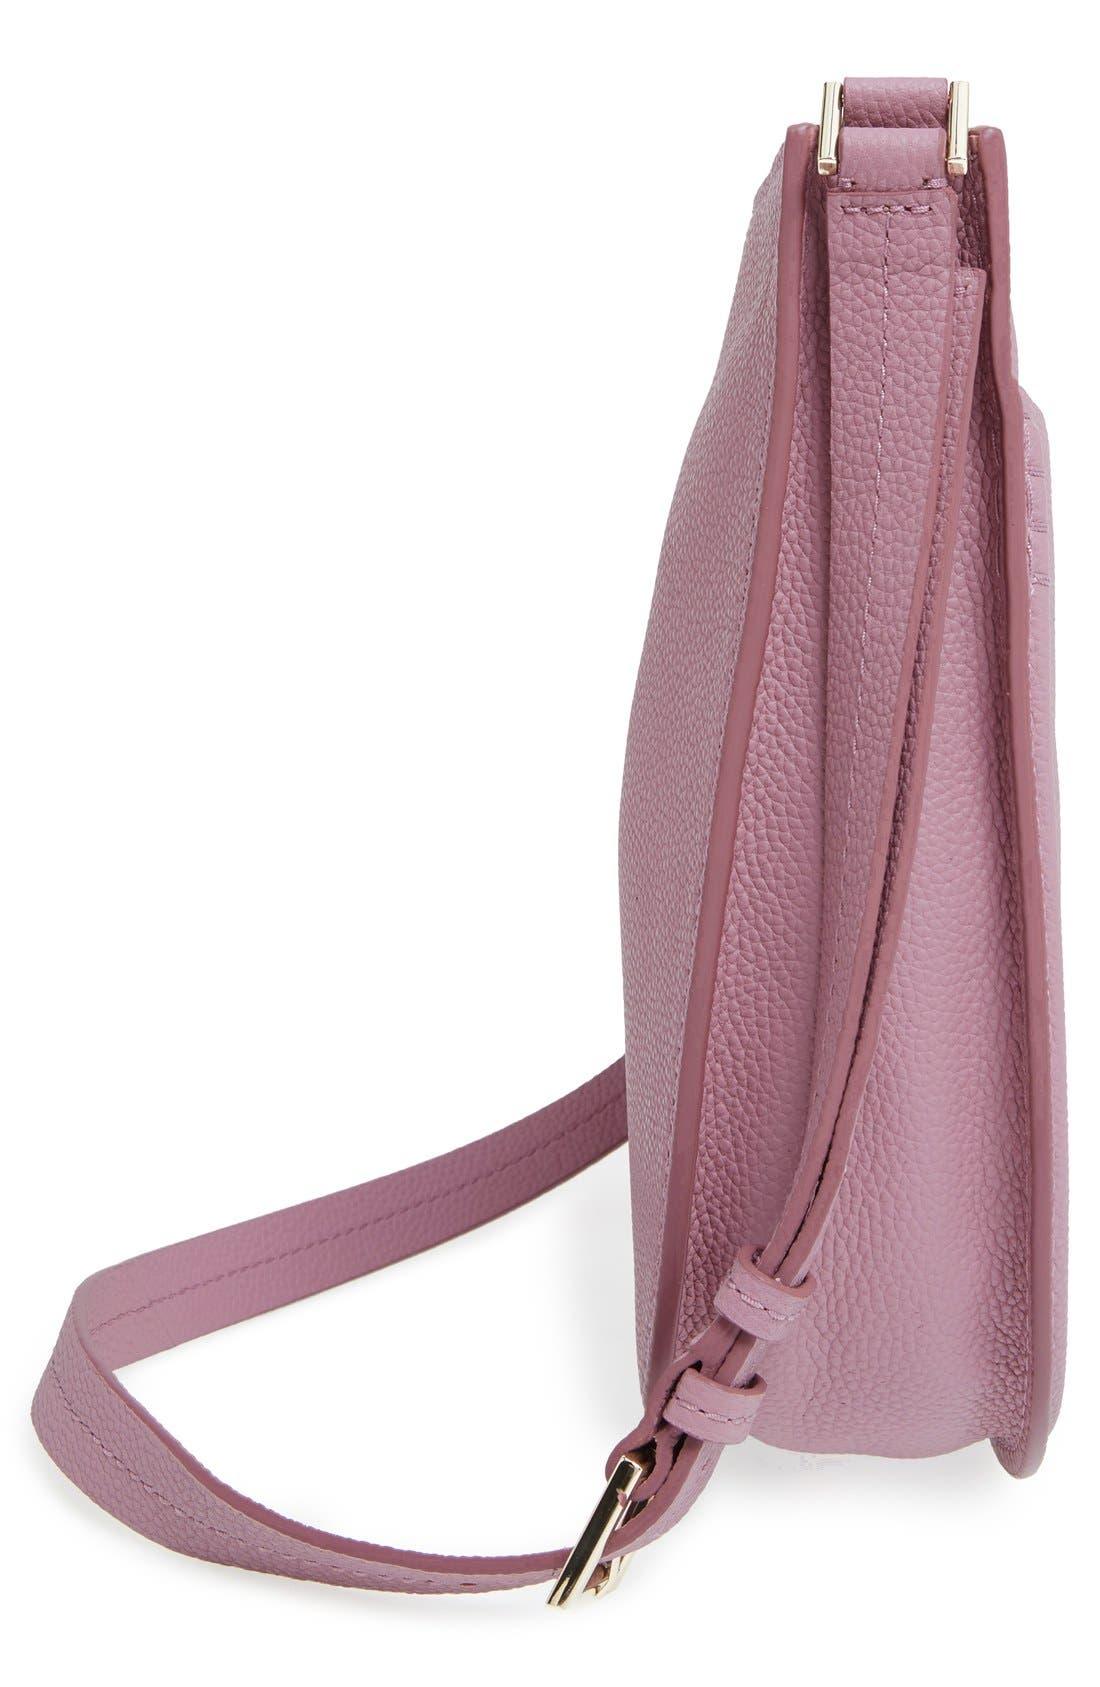 Alternate Image 3  - kate spade new york 'orchard street - hemsley' leather shoulder bag